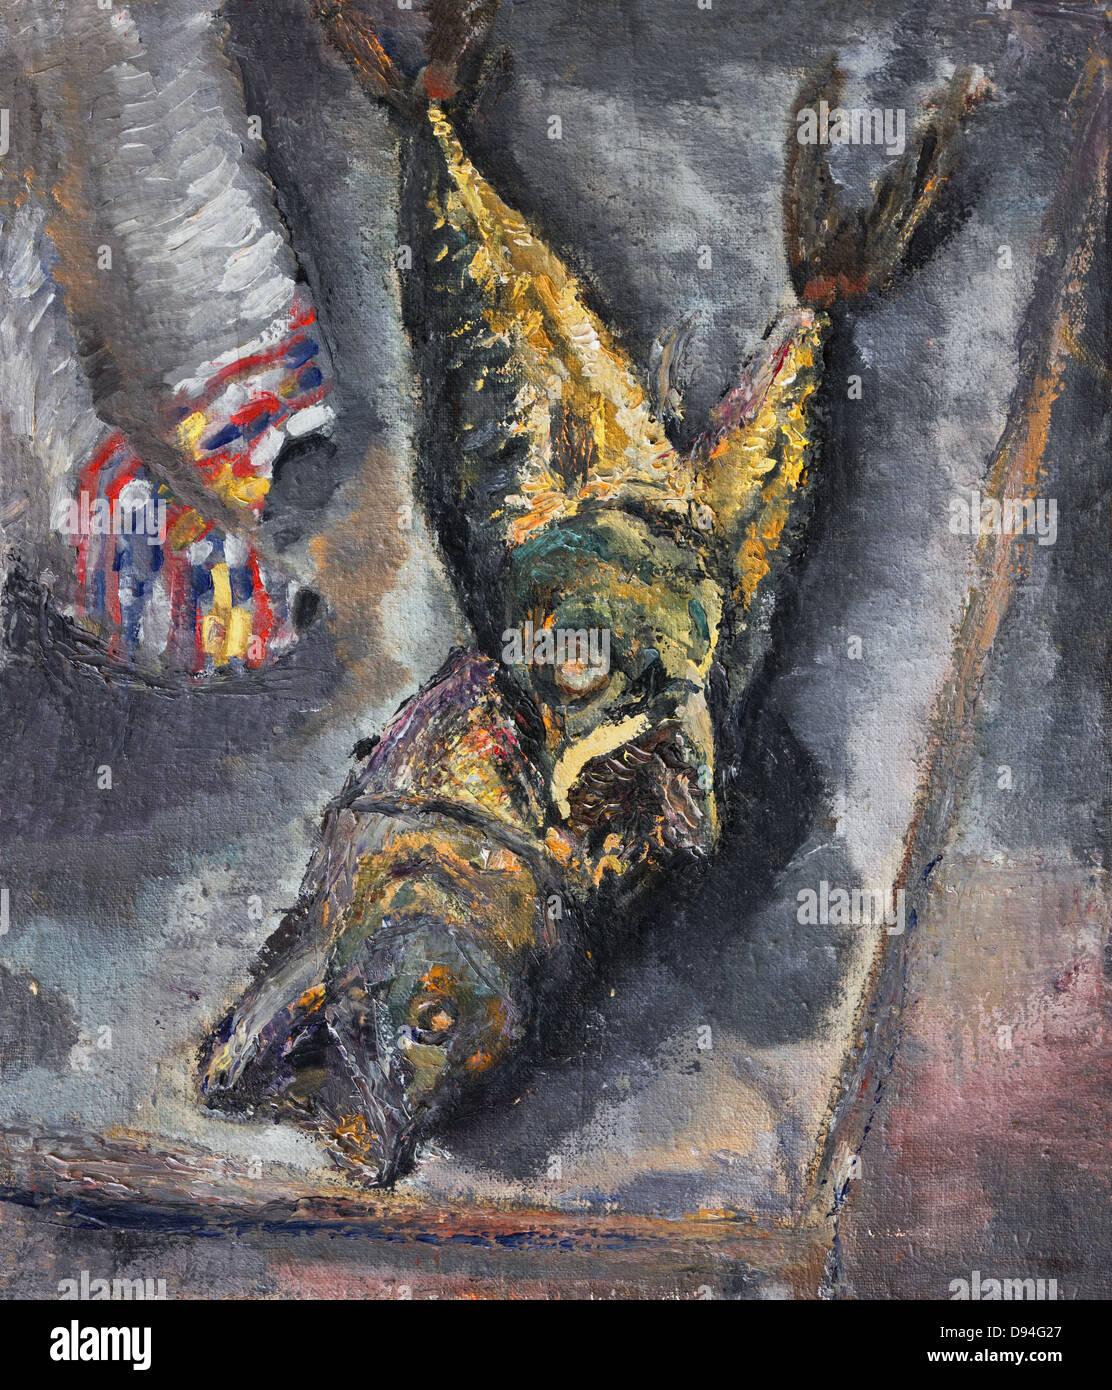 Un dipinto ad olio su tela di una vita ancora con il pesce su una tabella di colore grigio. Dopo la pesca di illustrazioni Immagini Stock